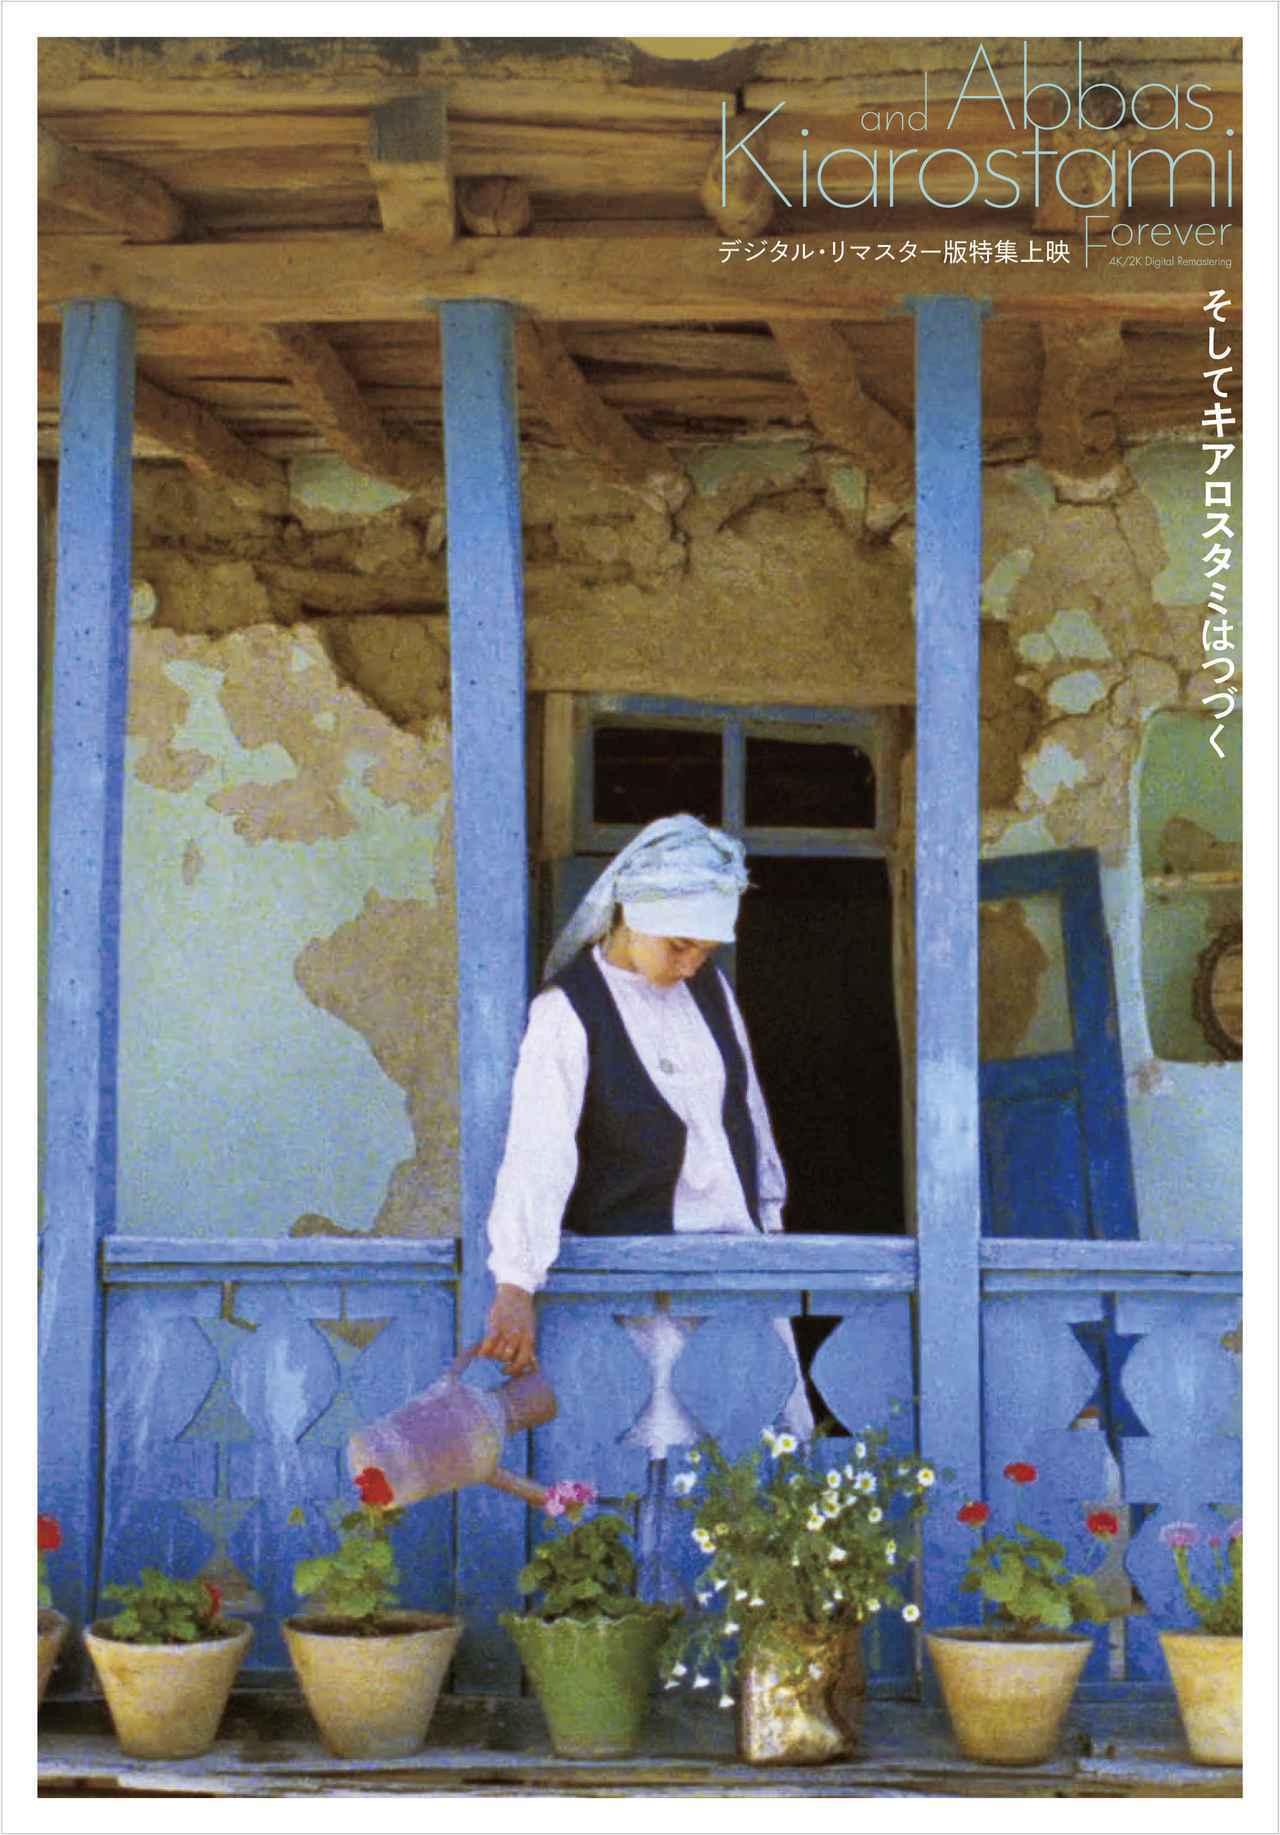 画像1: イラン映画の巨匠アッバス・キアロスタミ監督生誕81年、没後5年を記念して、世界中で愛される、ジグザグ道三部作を中心に、初期の珠玉の名作がスクリーンによみがえる。